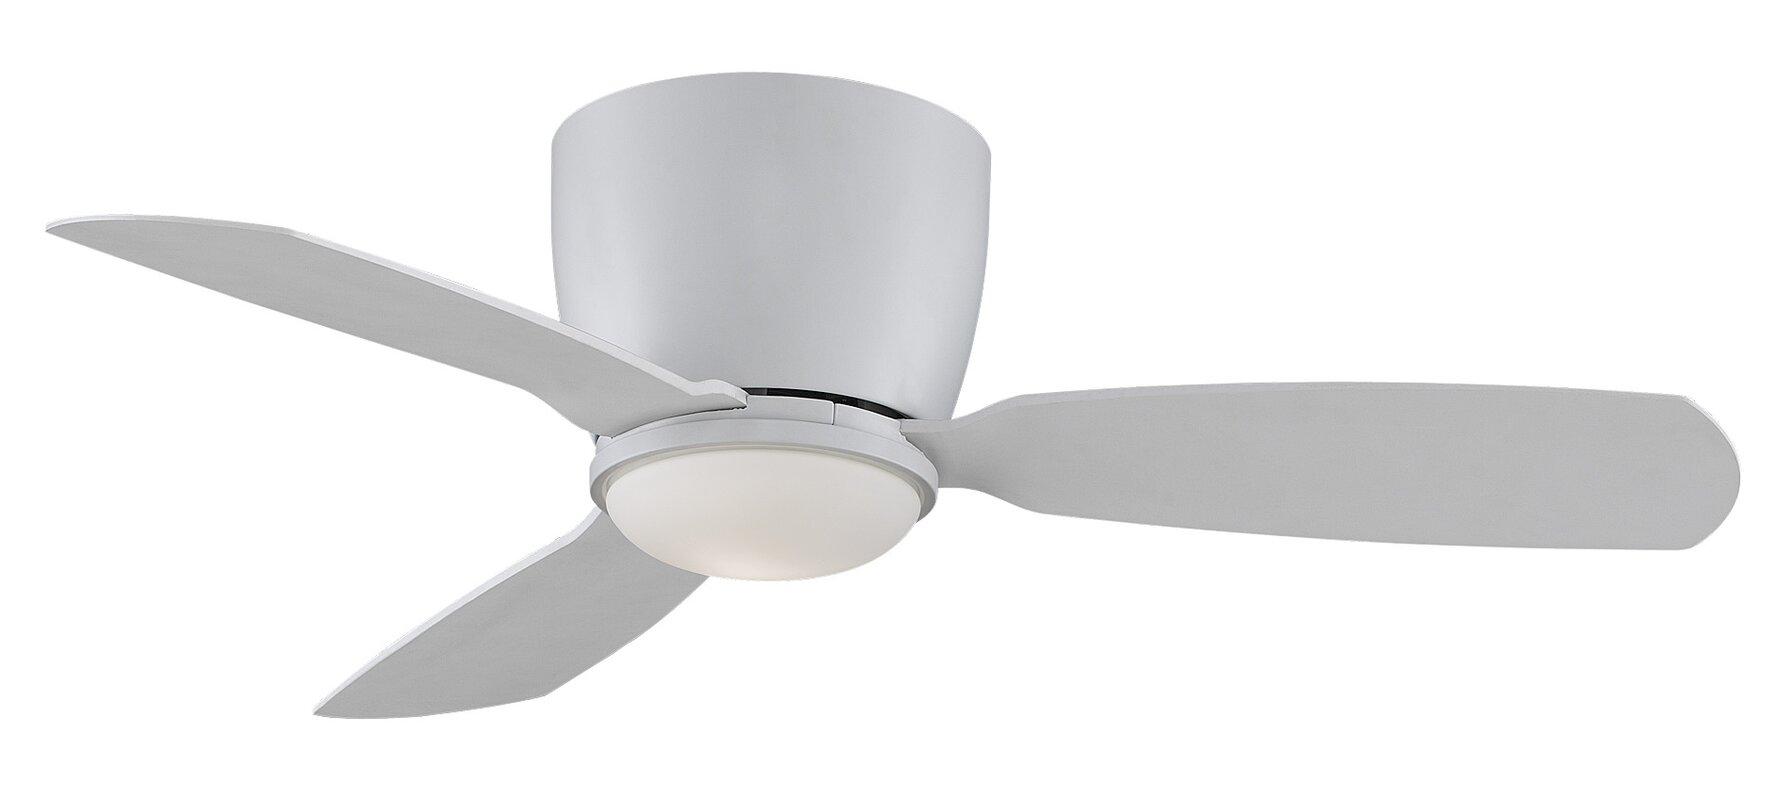 44 embrace 3 blade ceiling fan reviews allmodern 44 embrace 3 blade ceiling fan aloadofball Image collections